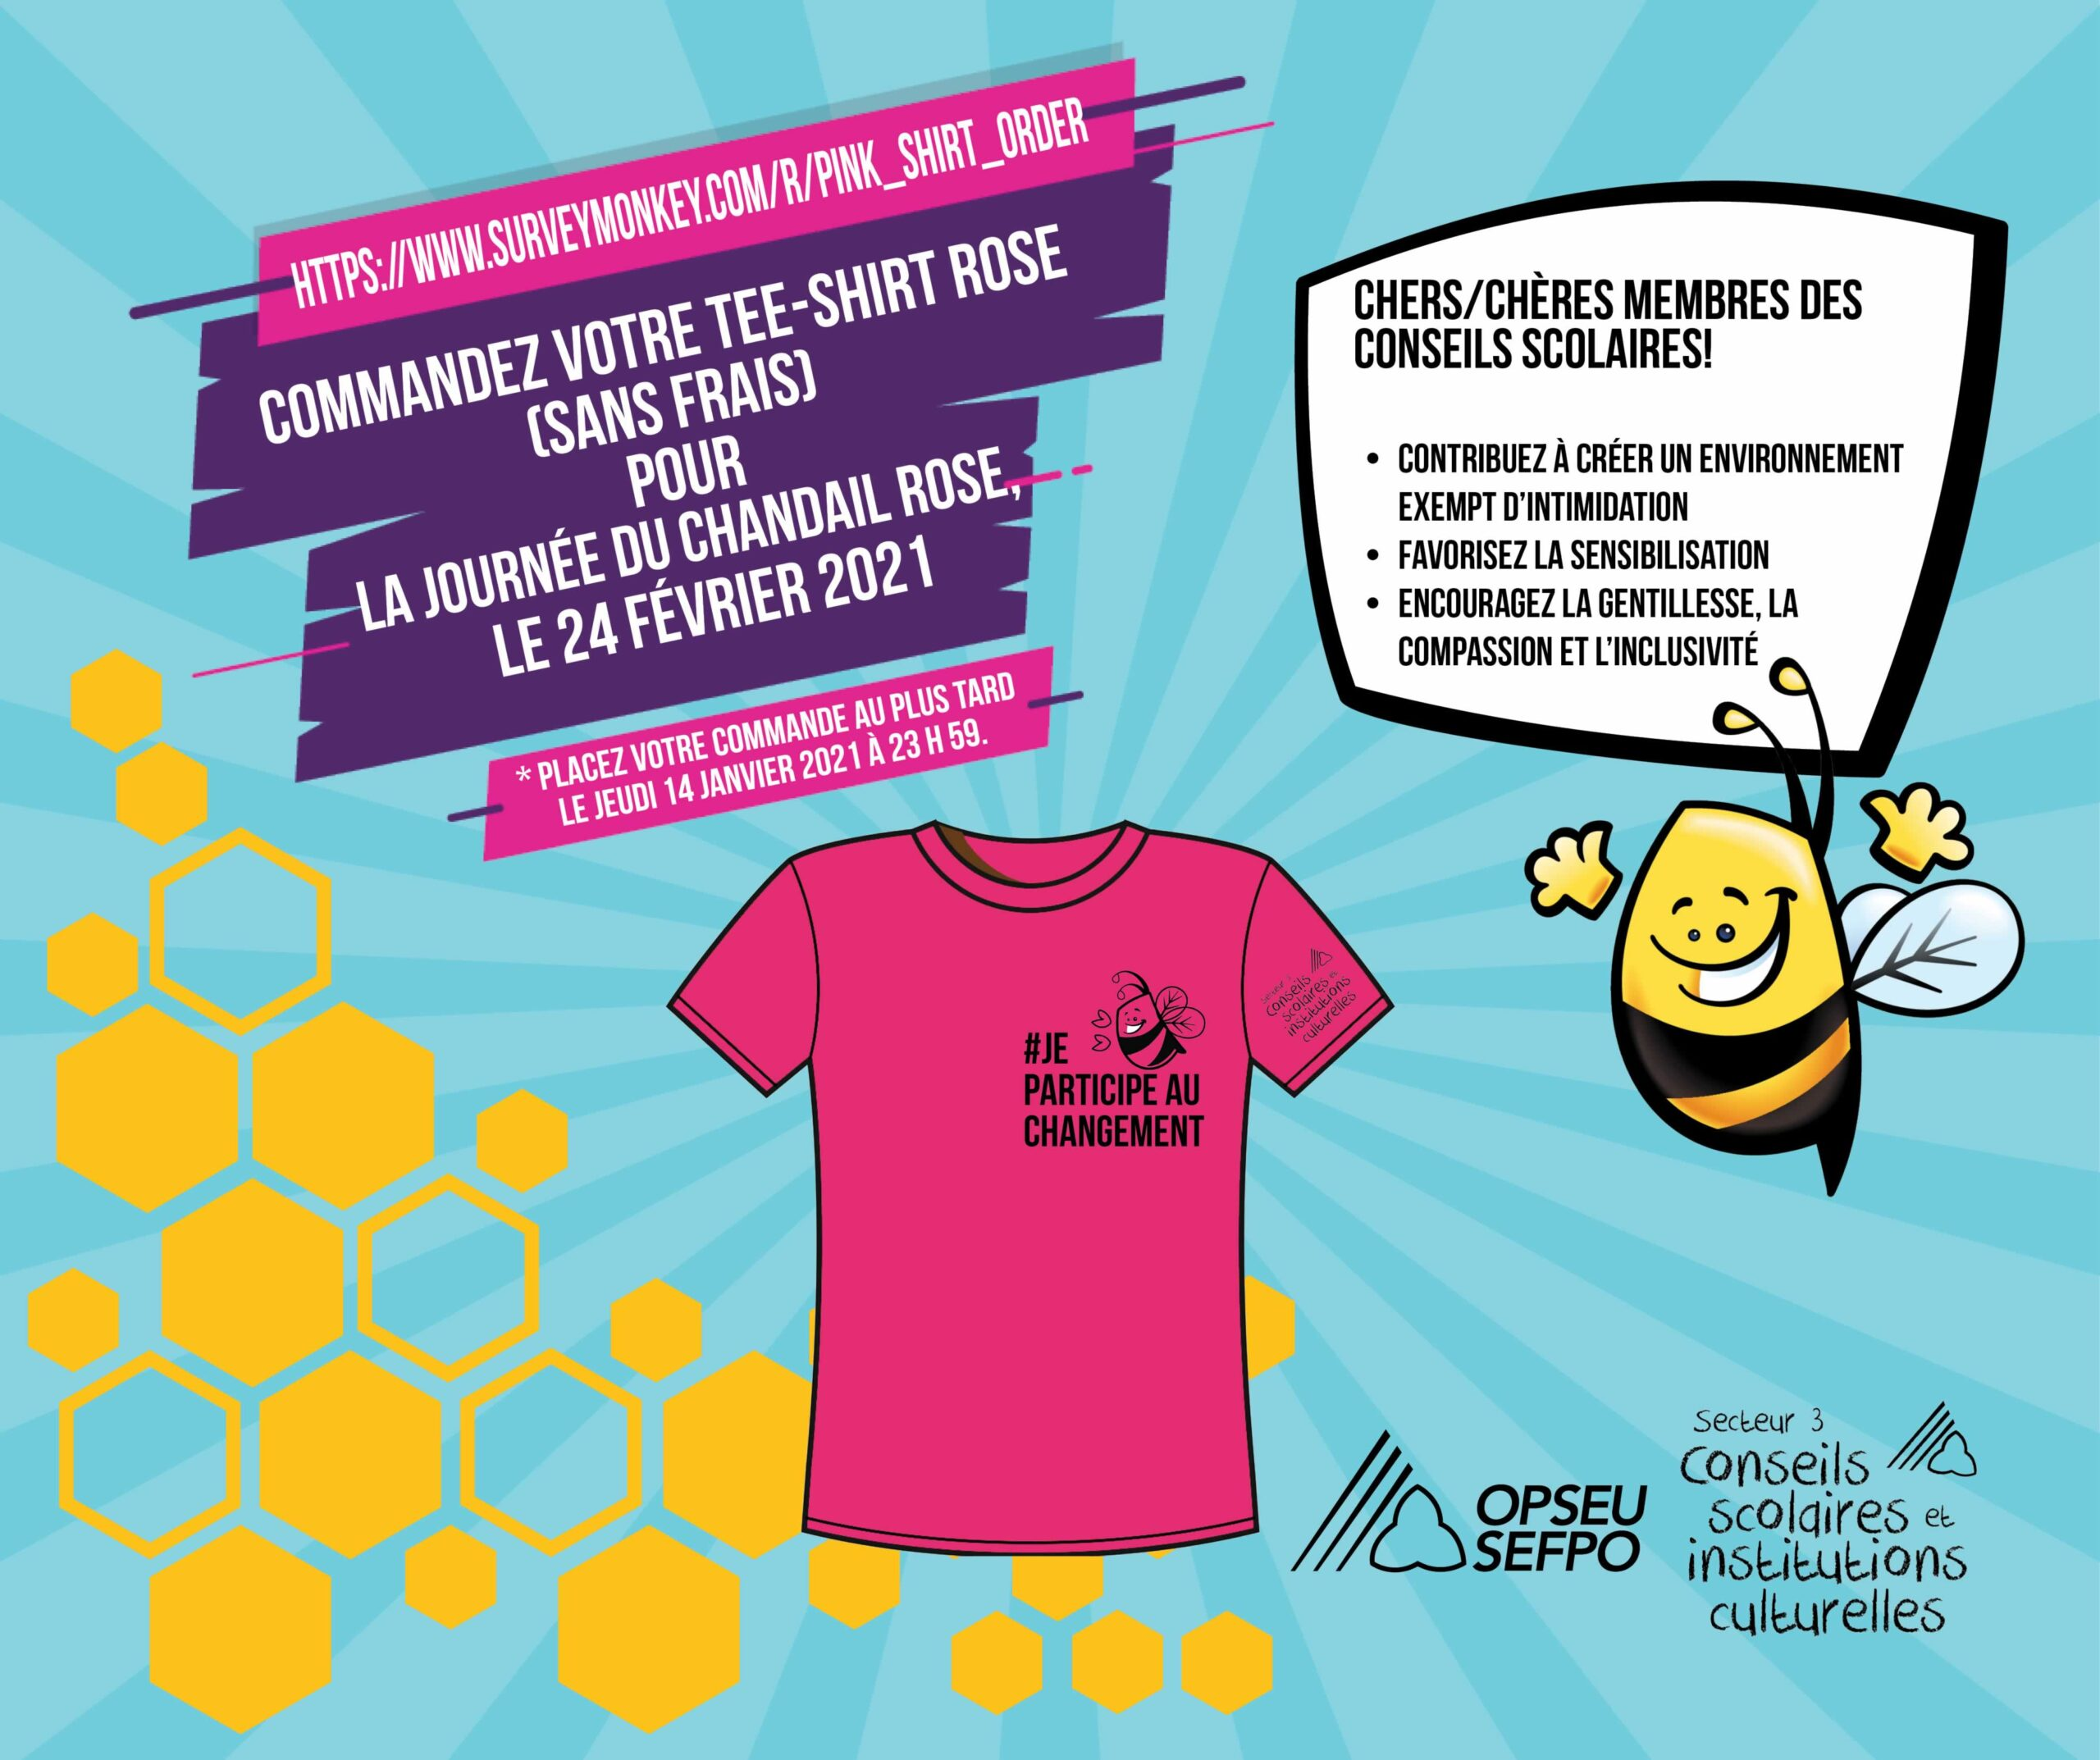 Commandez Votre Tee-Shirt Rose (sans frais) pour la journee du chandail rose, le 24 fevrier 2021